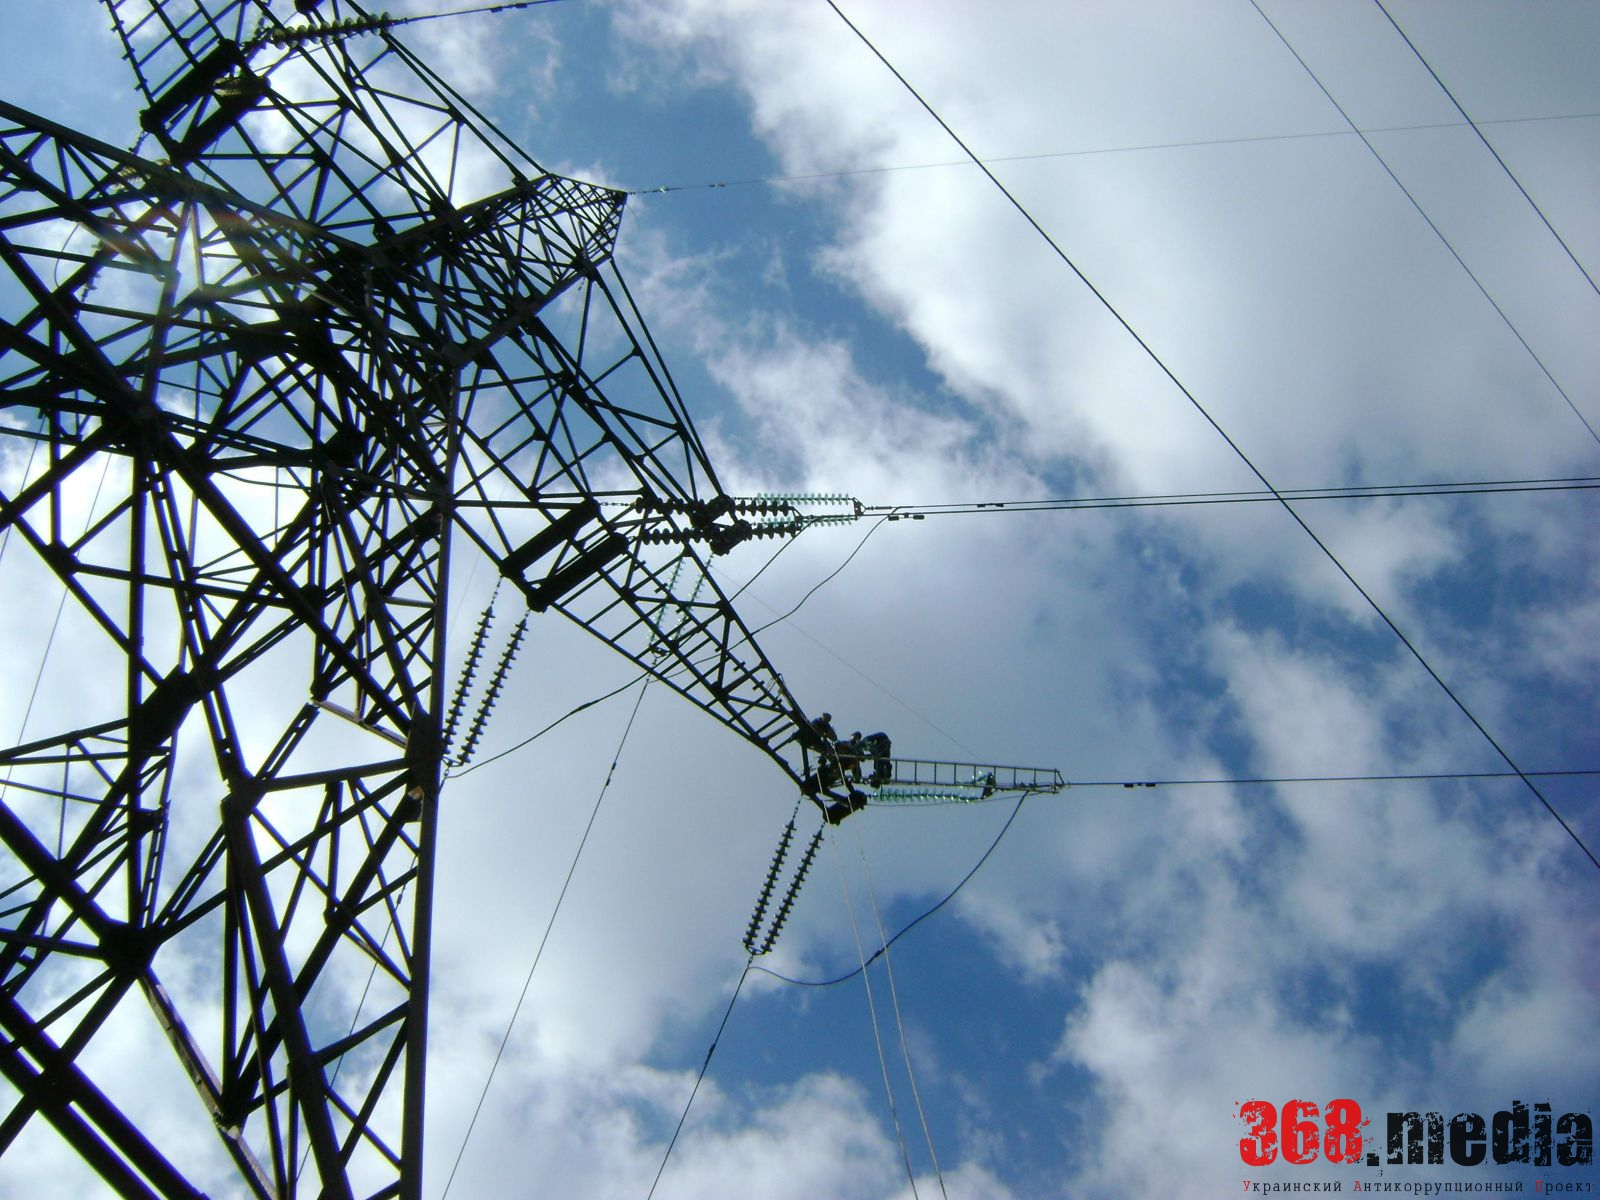 «Укрэнерго» уличили в хищении 300 млн гривен на реконструкции сетей в Новой Каховке